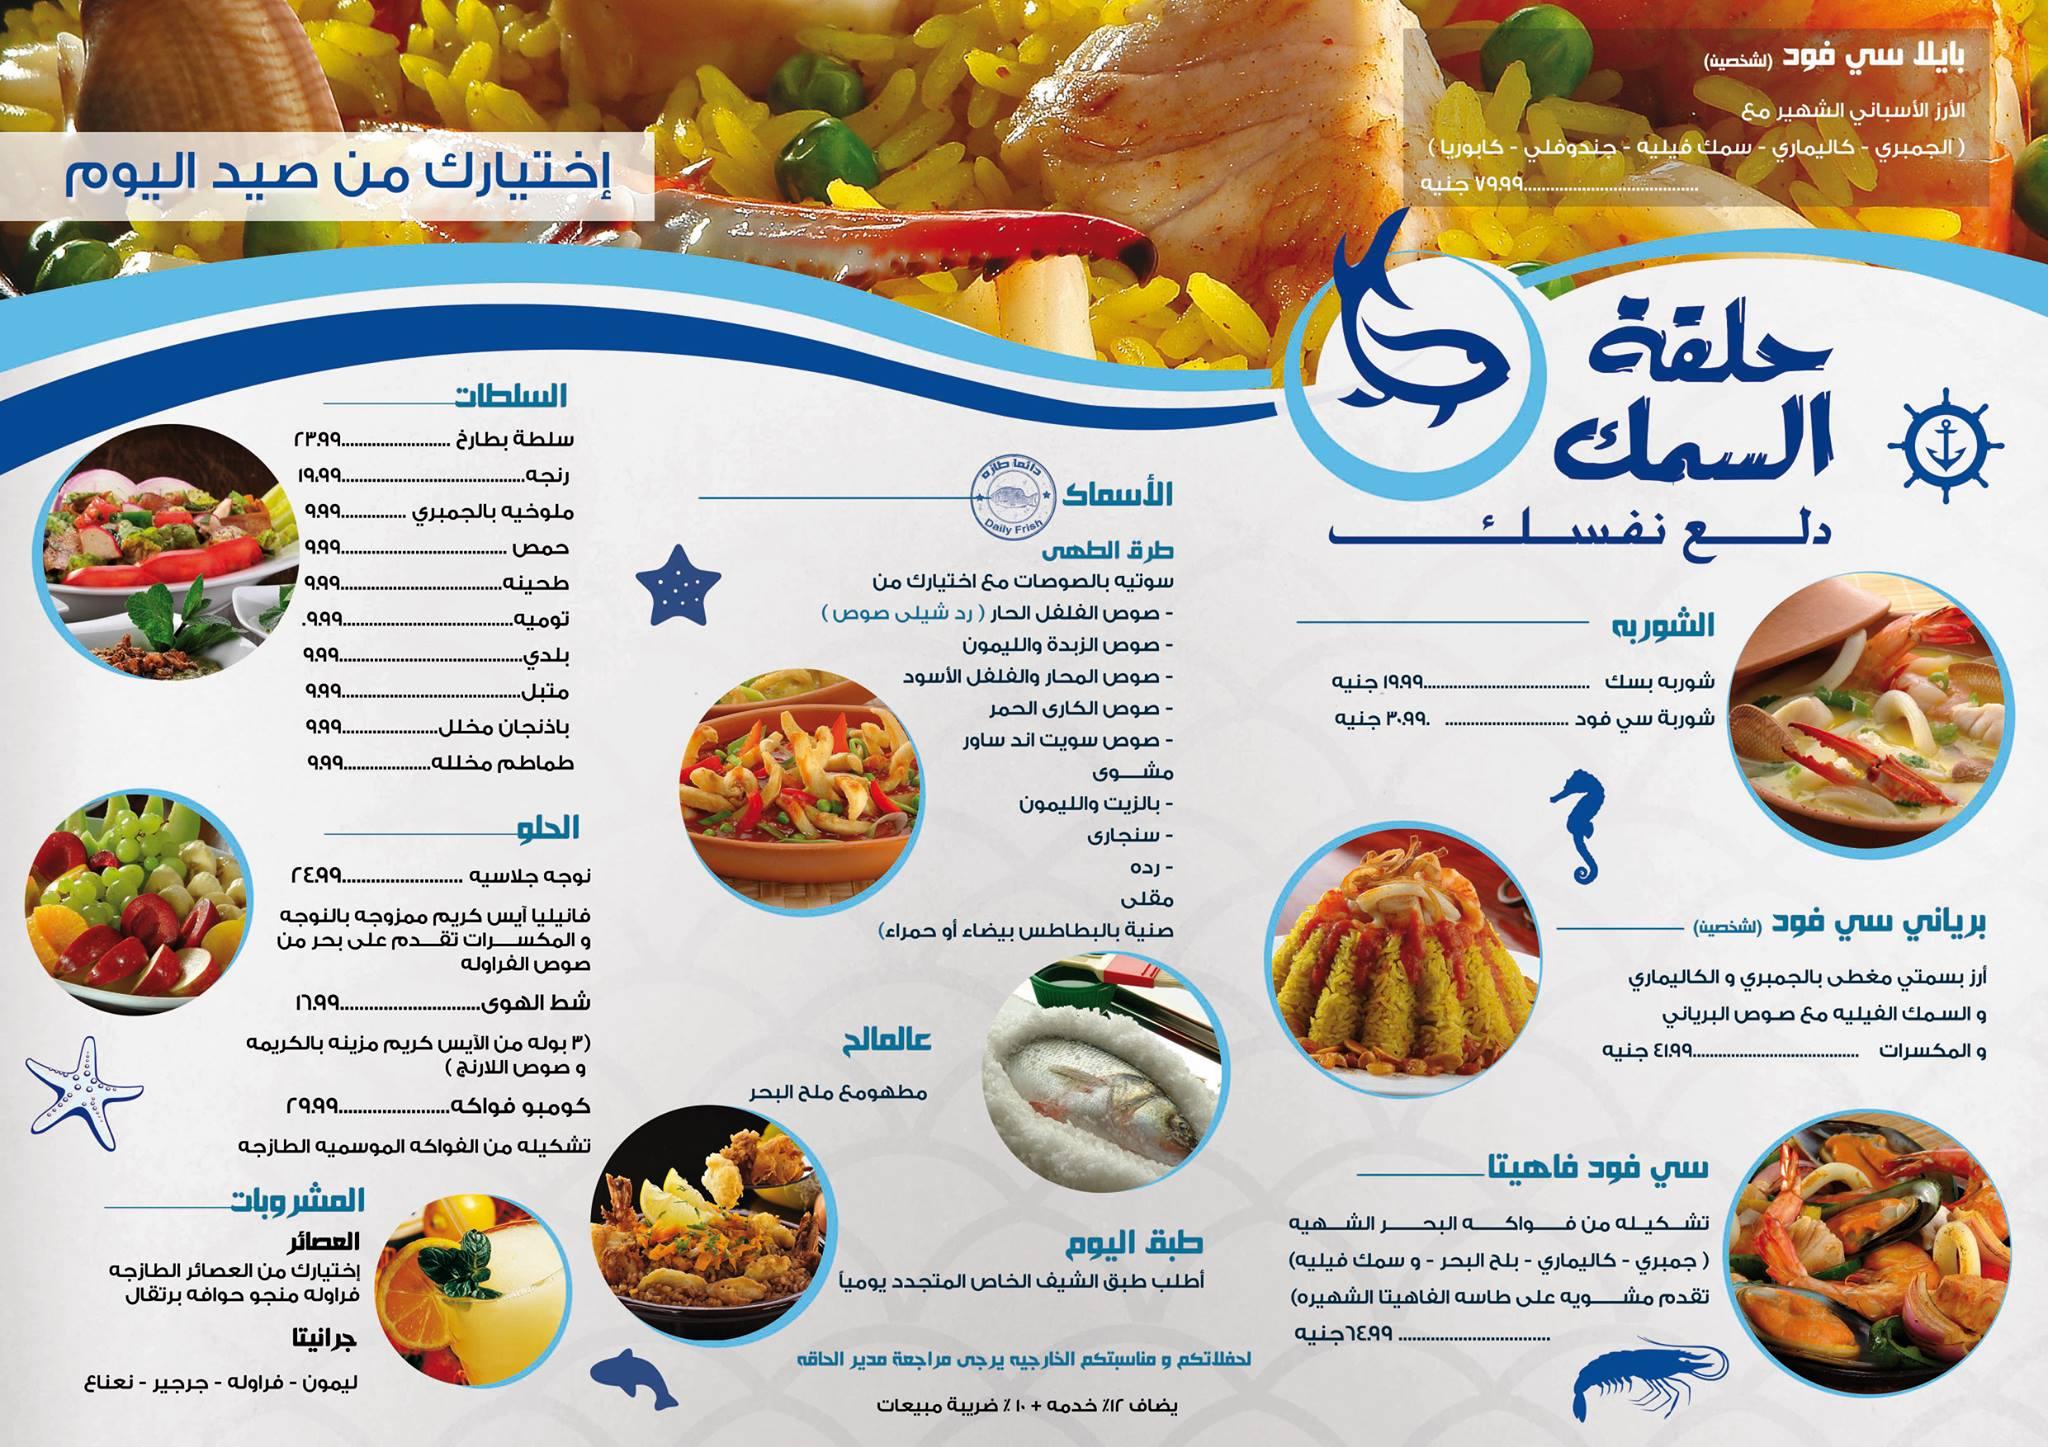 منيو وفروع ورقم مطعم حلقة السمك 2021